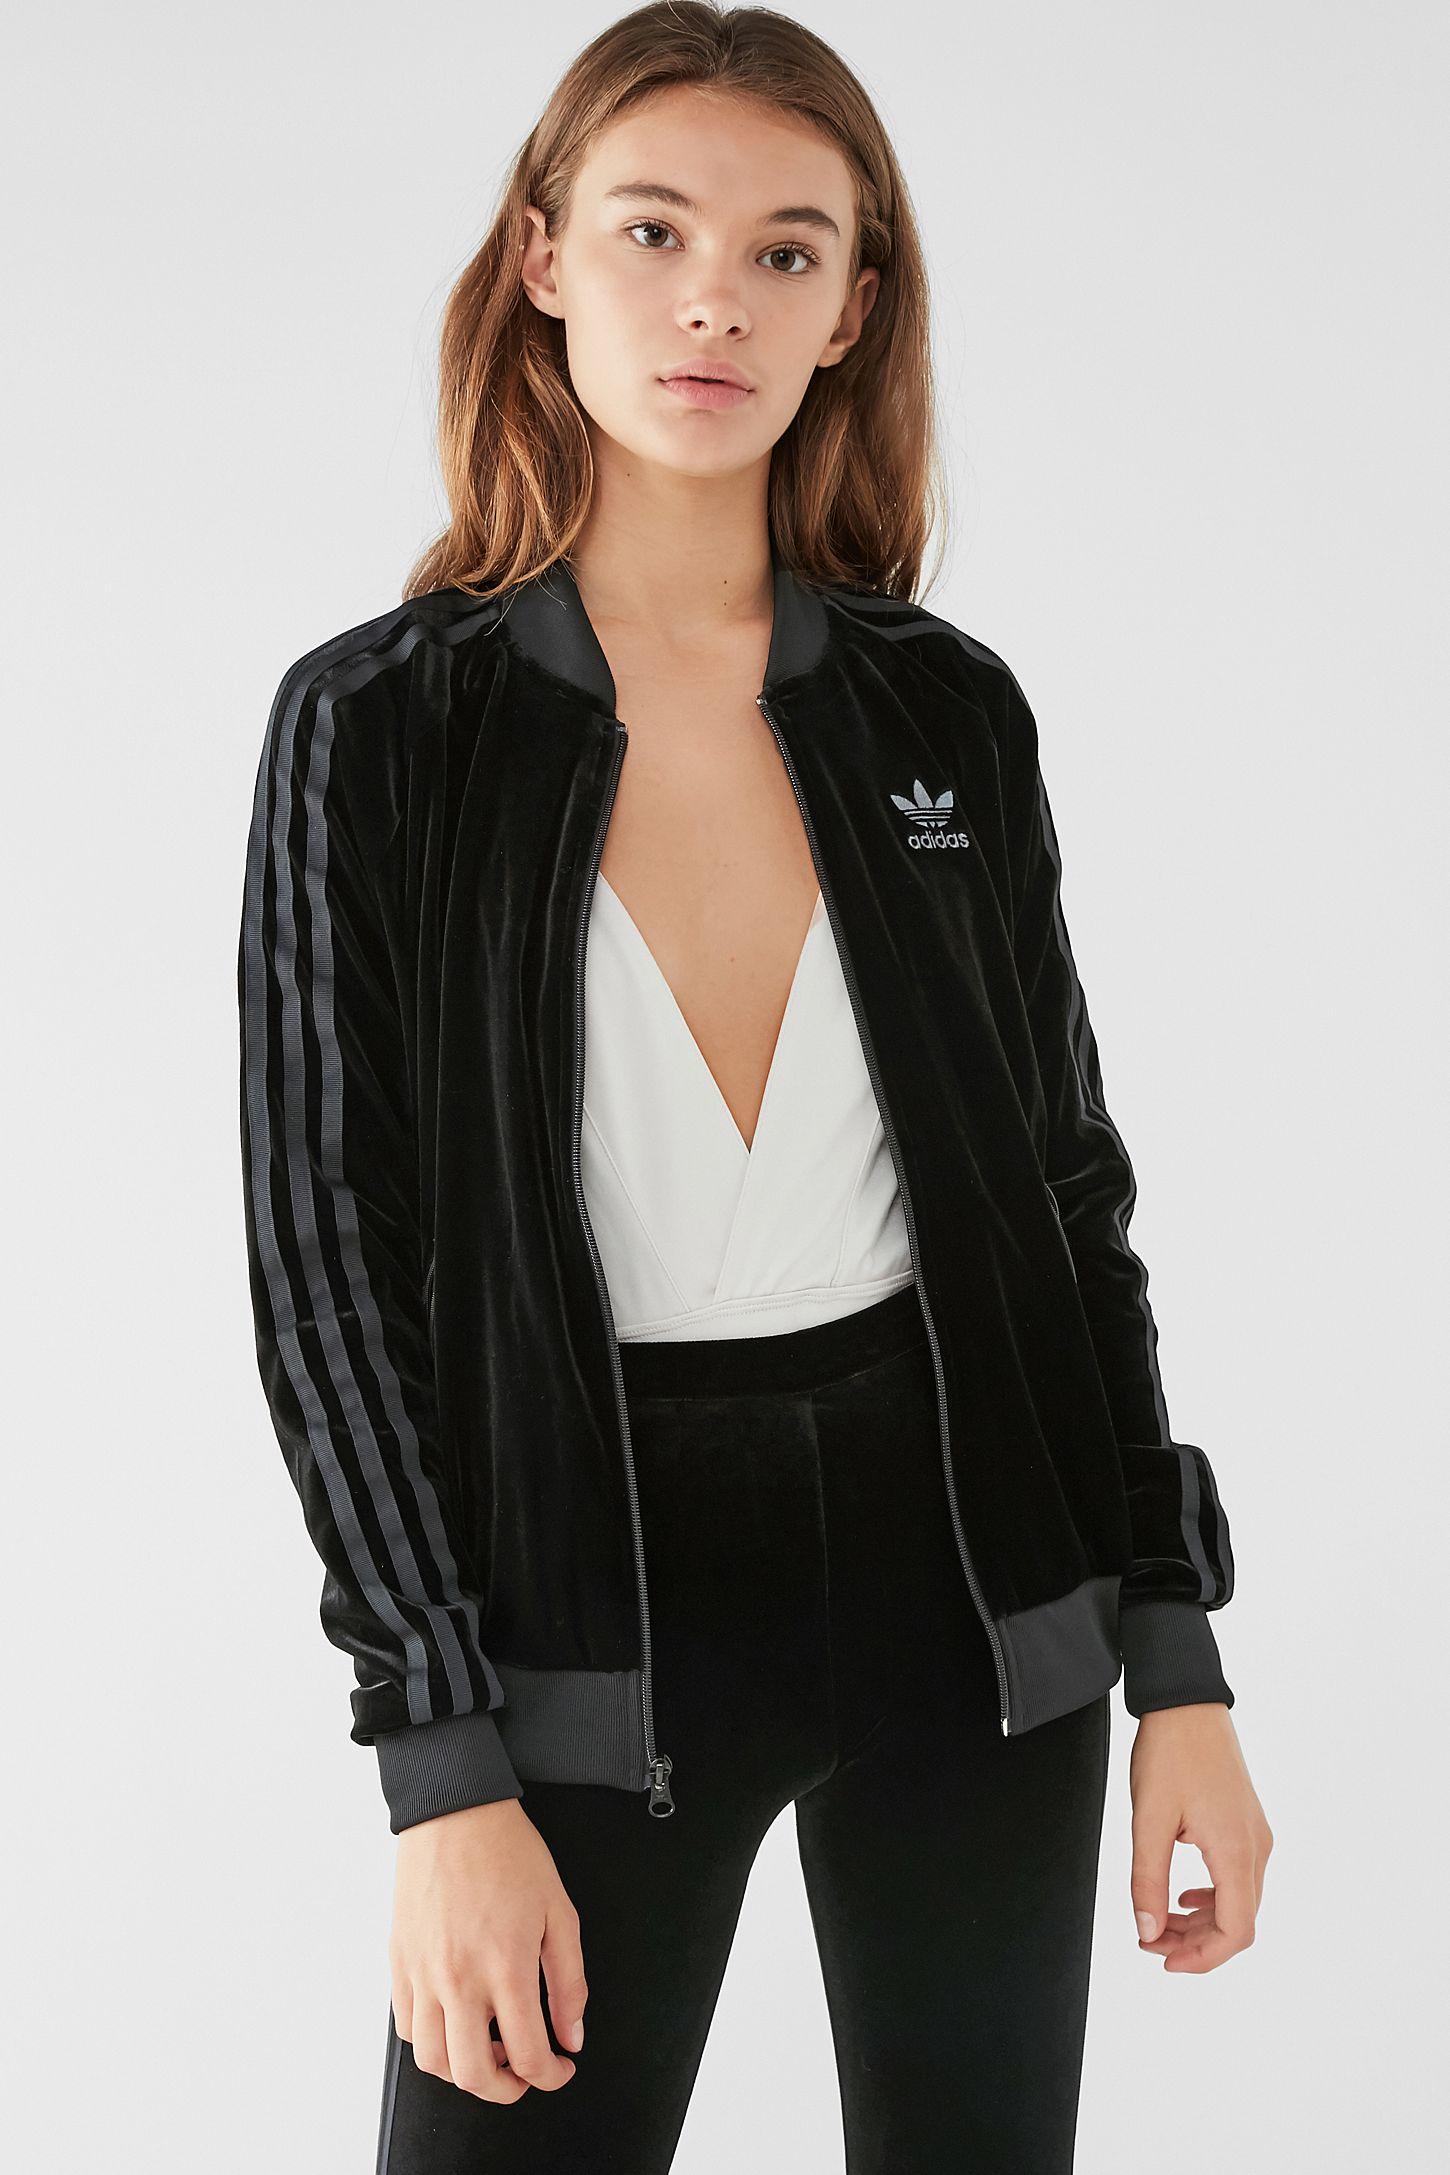 dc44960a7b11 Adidas Firebird Track Jacket Black Velvet